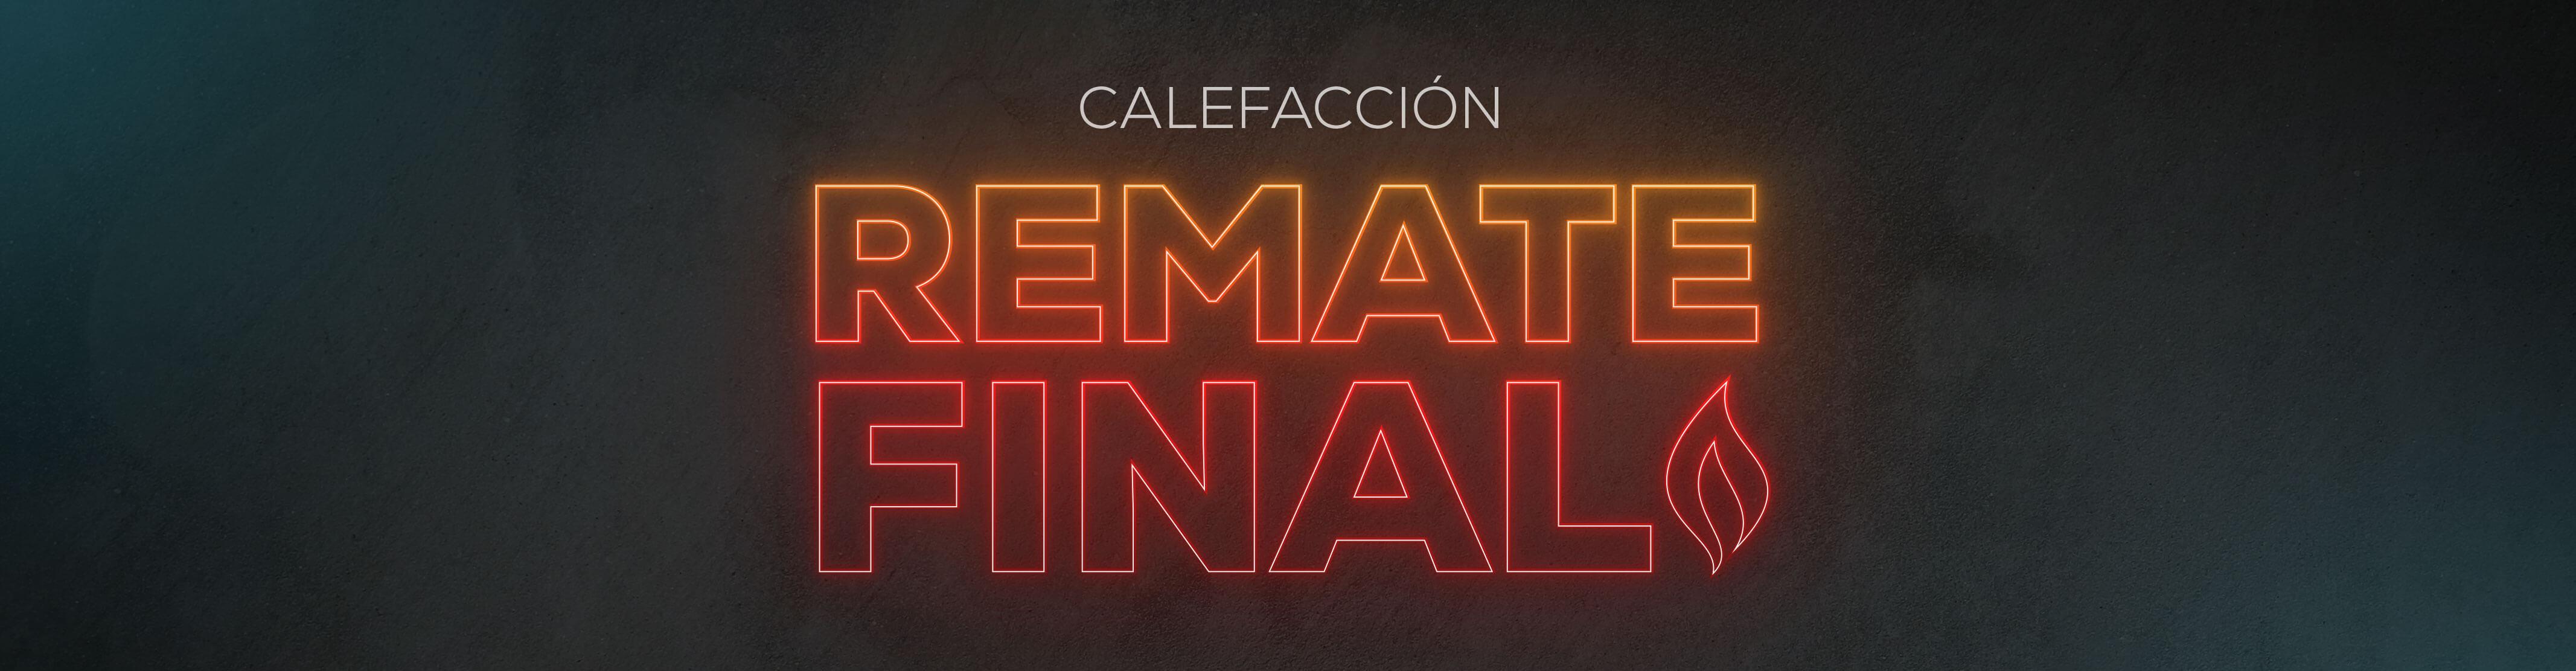 Remate Final Calefacción